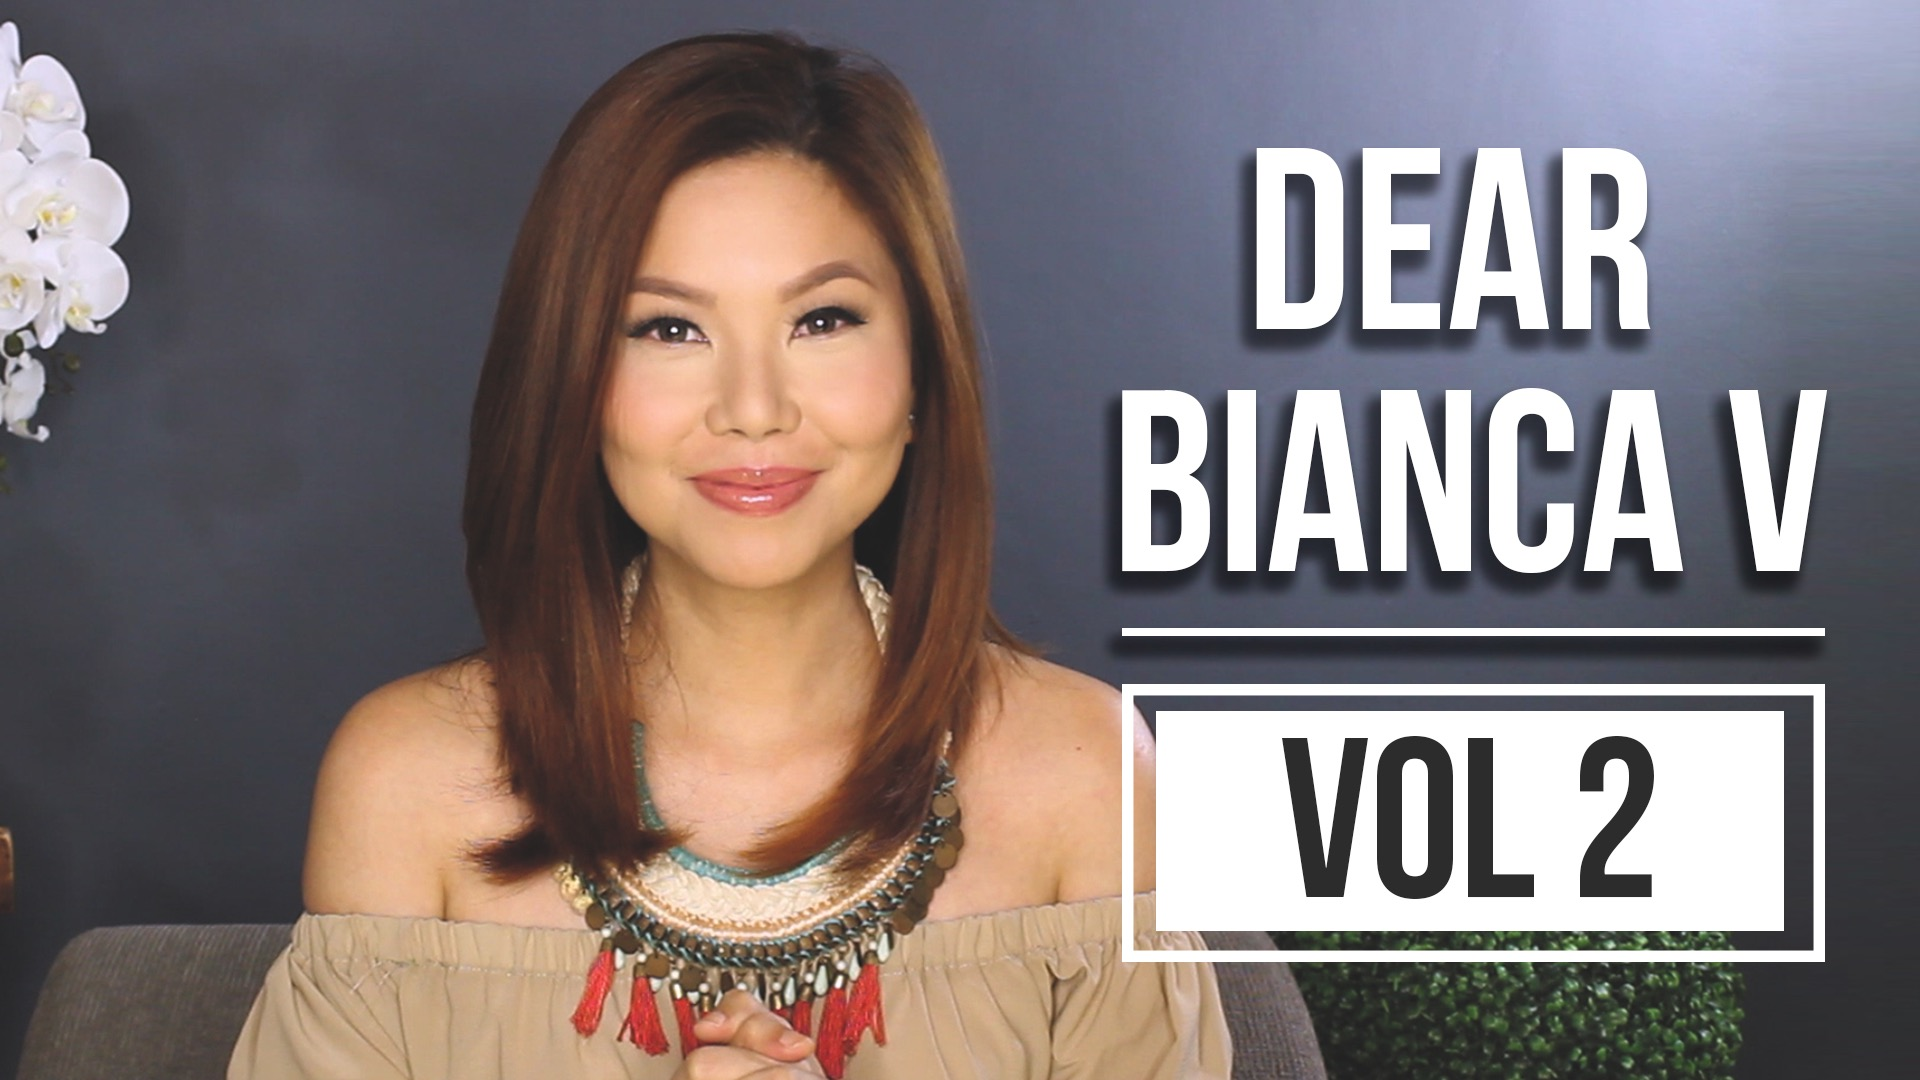 Bianca valerio Dear Bianca V